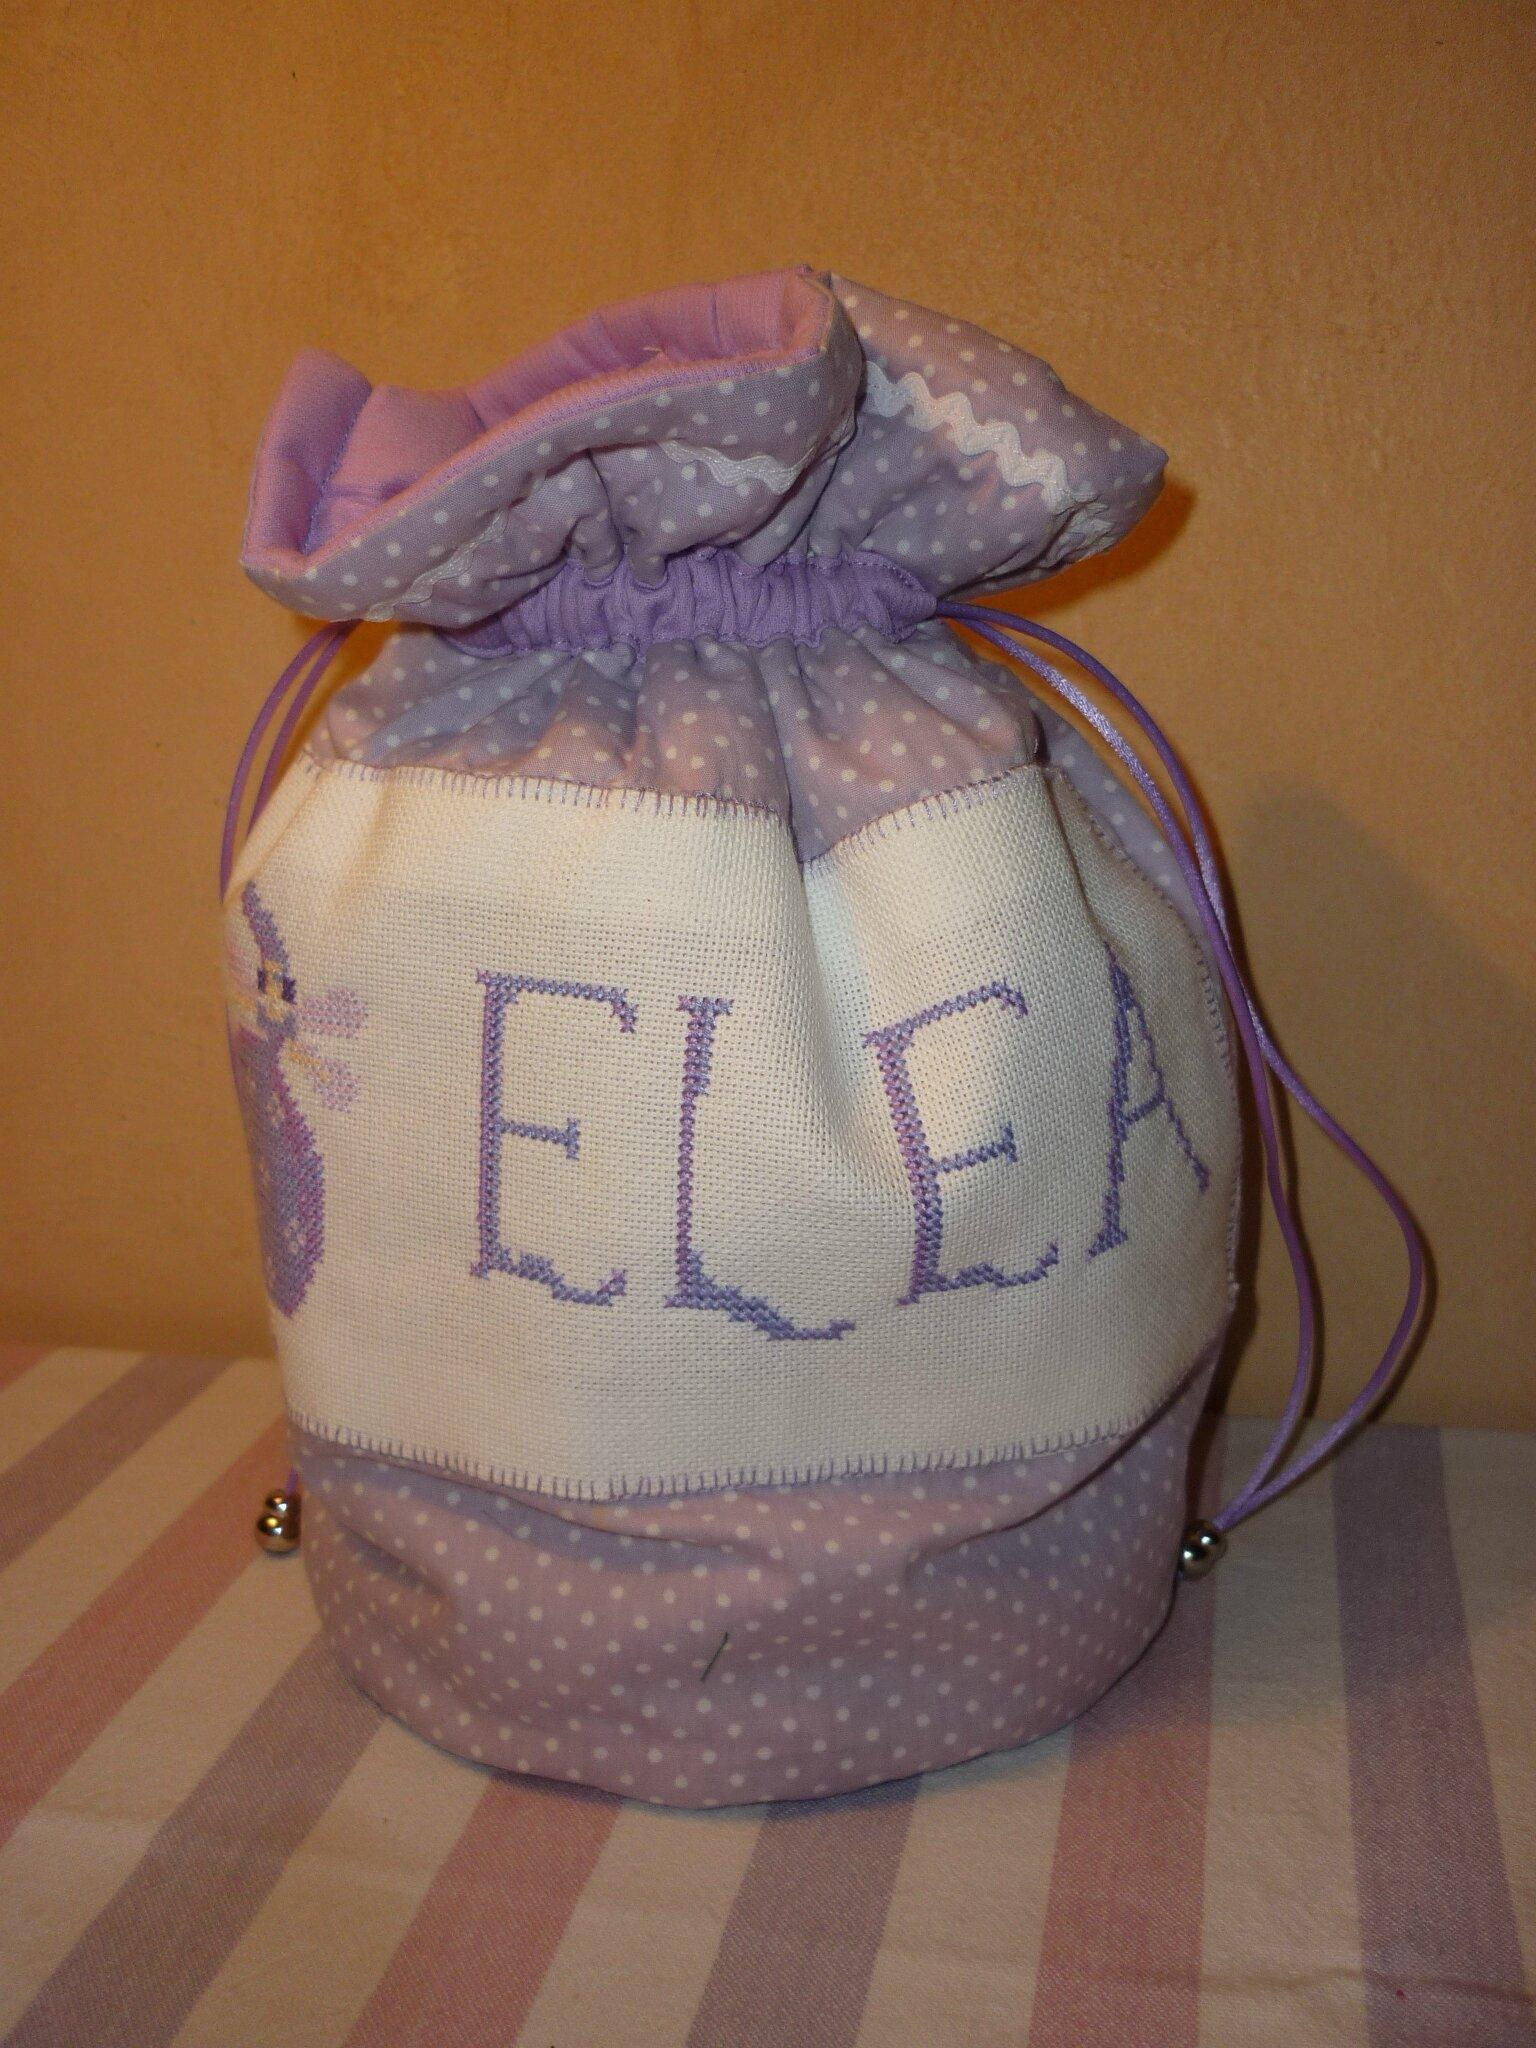 Pochon pour Eléa - Les petites folies de Cécile et Mélanie 9cb4b1e5c13